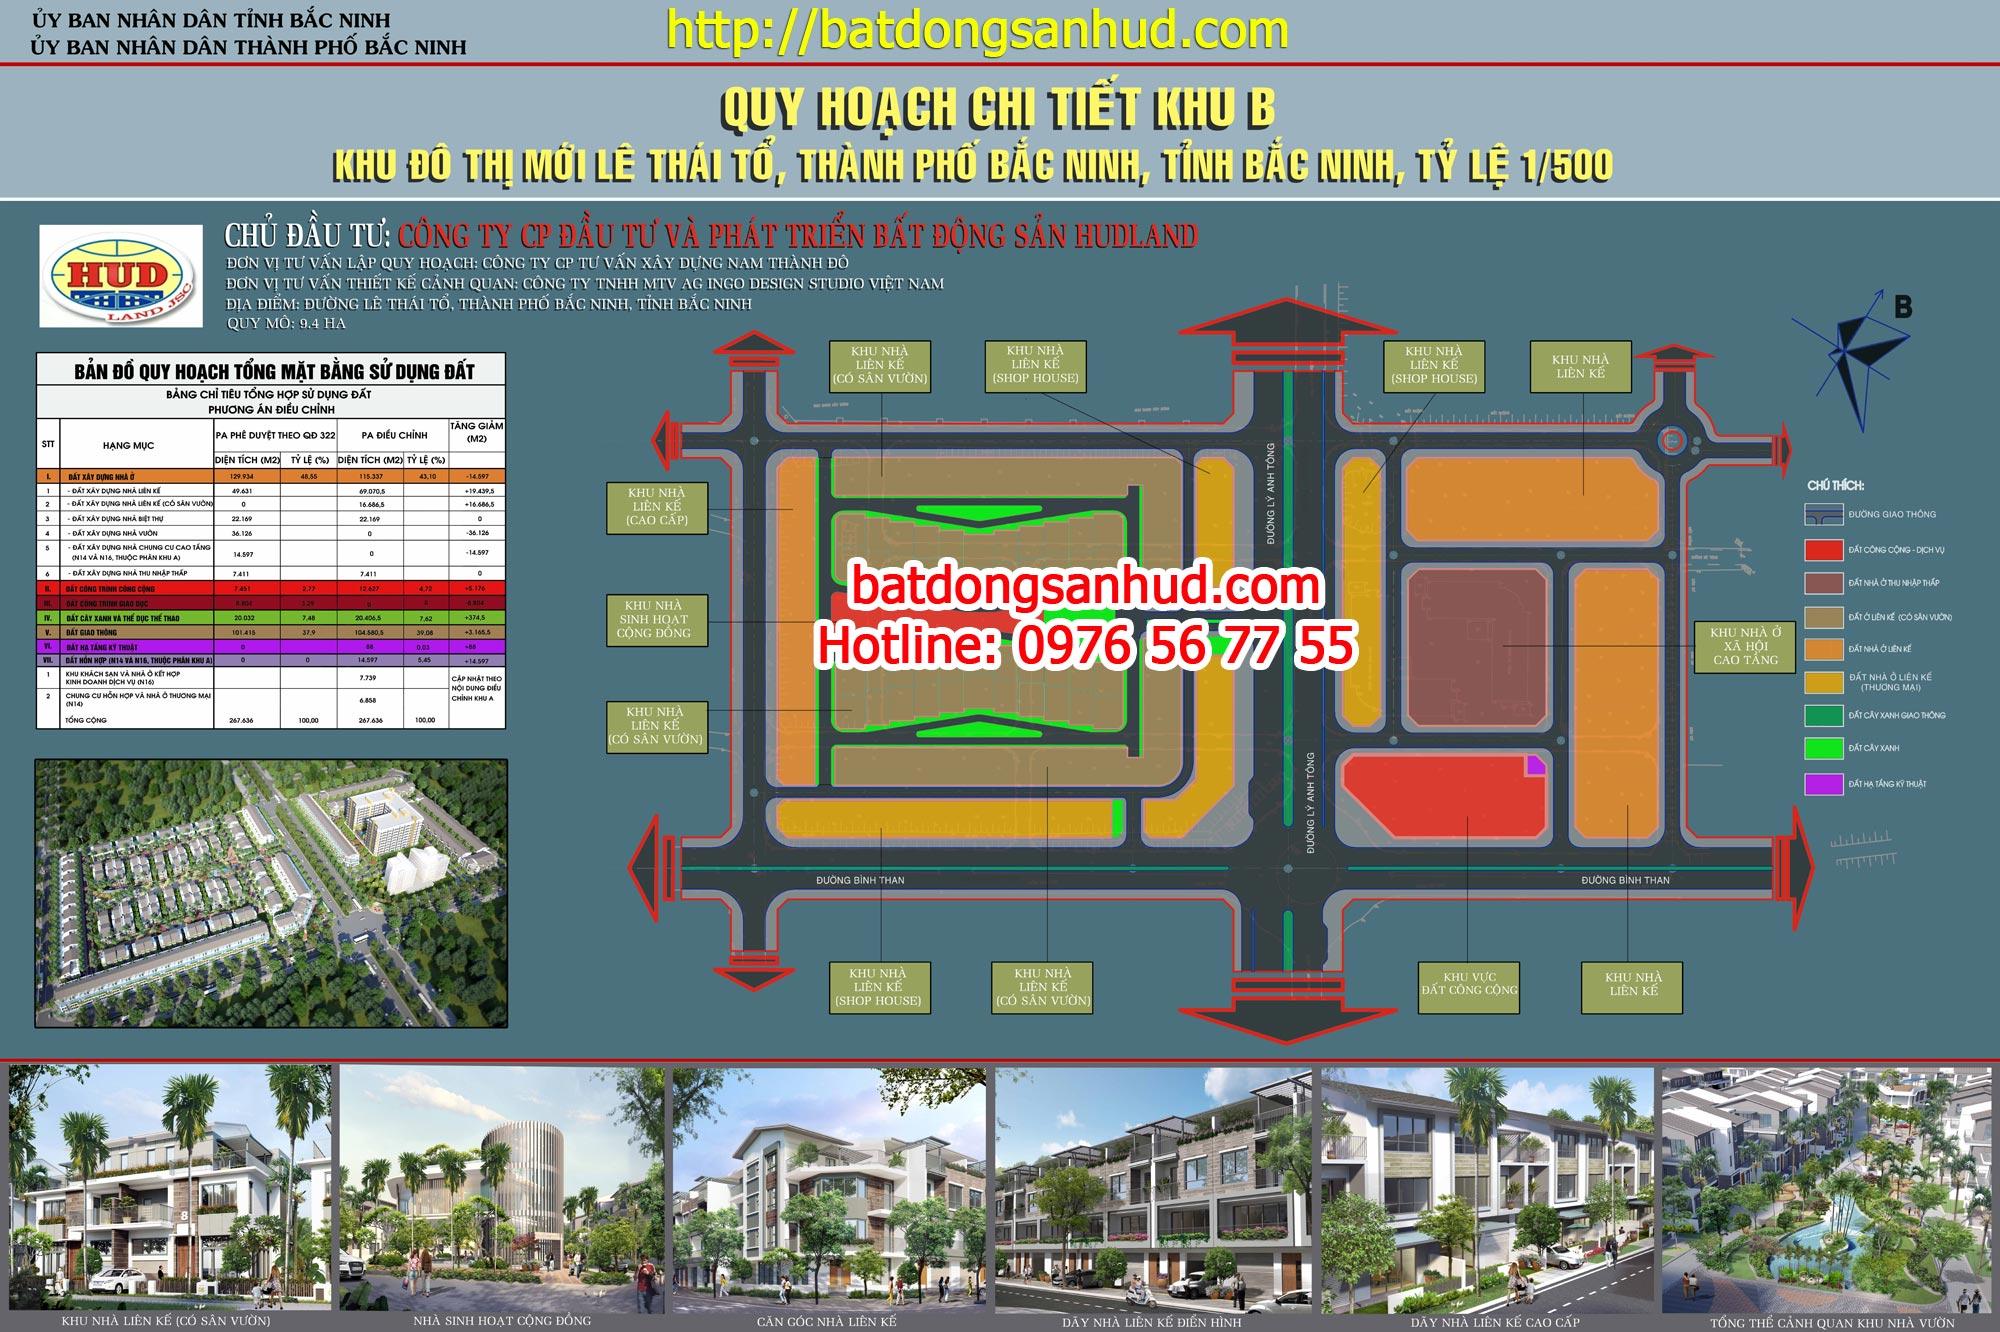 Dự án Bắc Ninh - HUDLAND